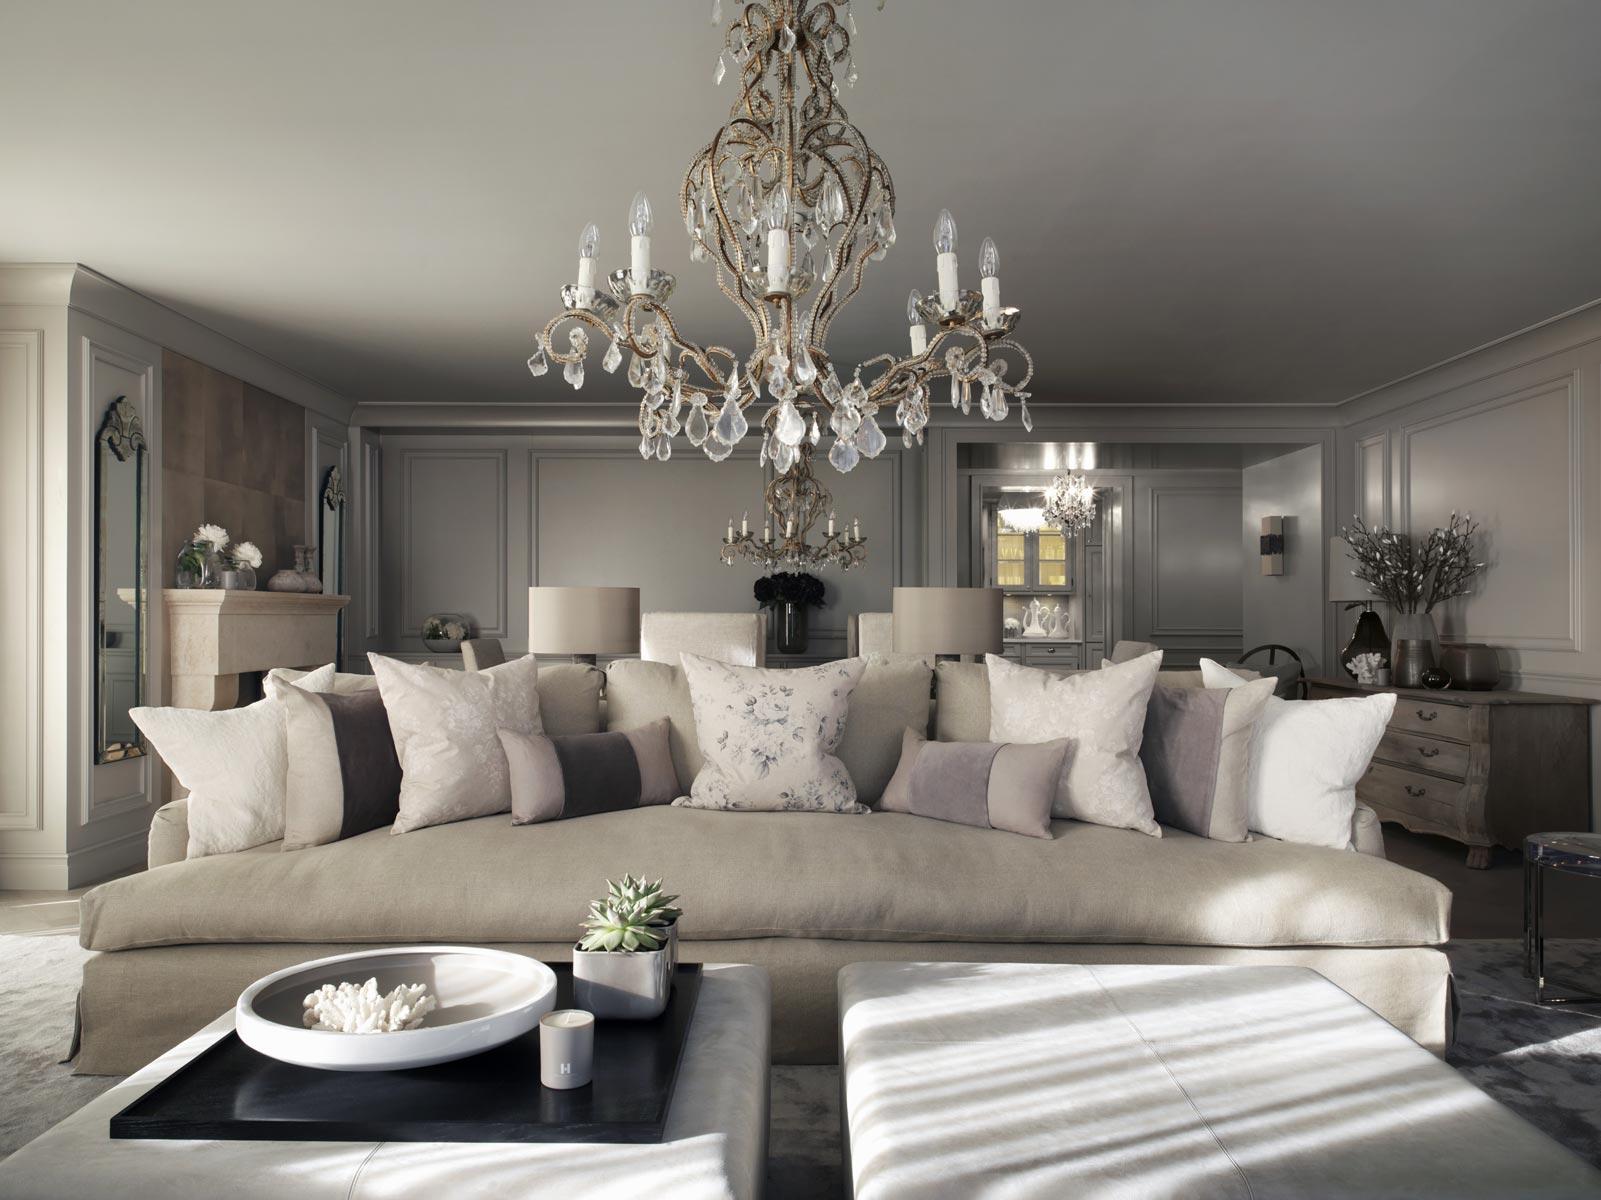 Top 10 Kelly Hoppen Design Ideas | Home Decor Ideas